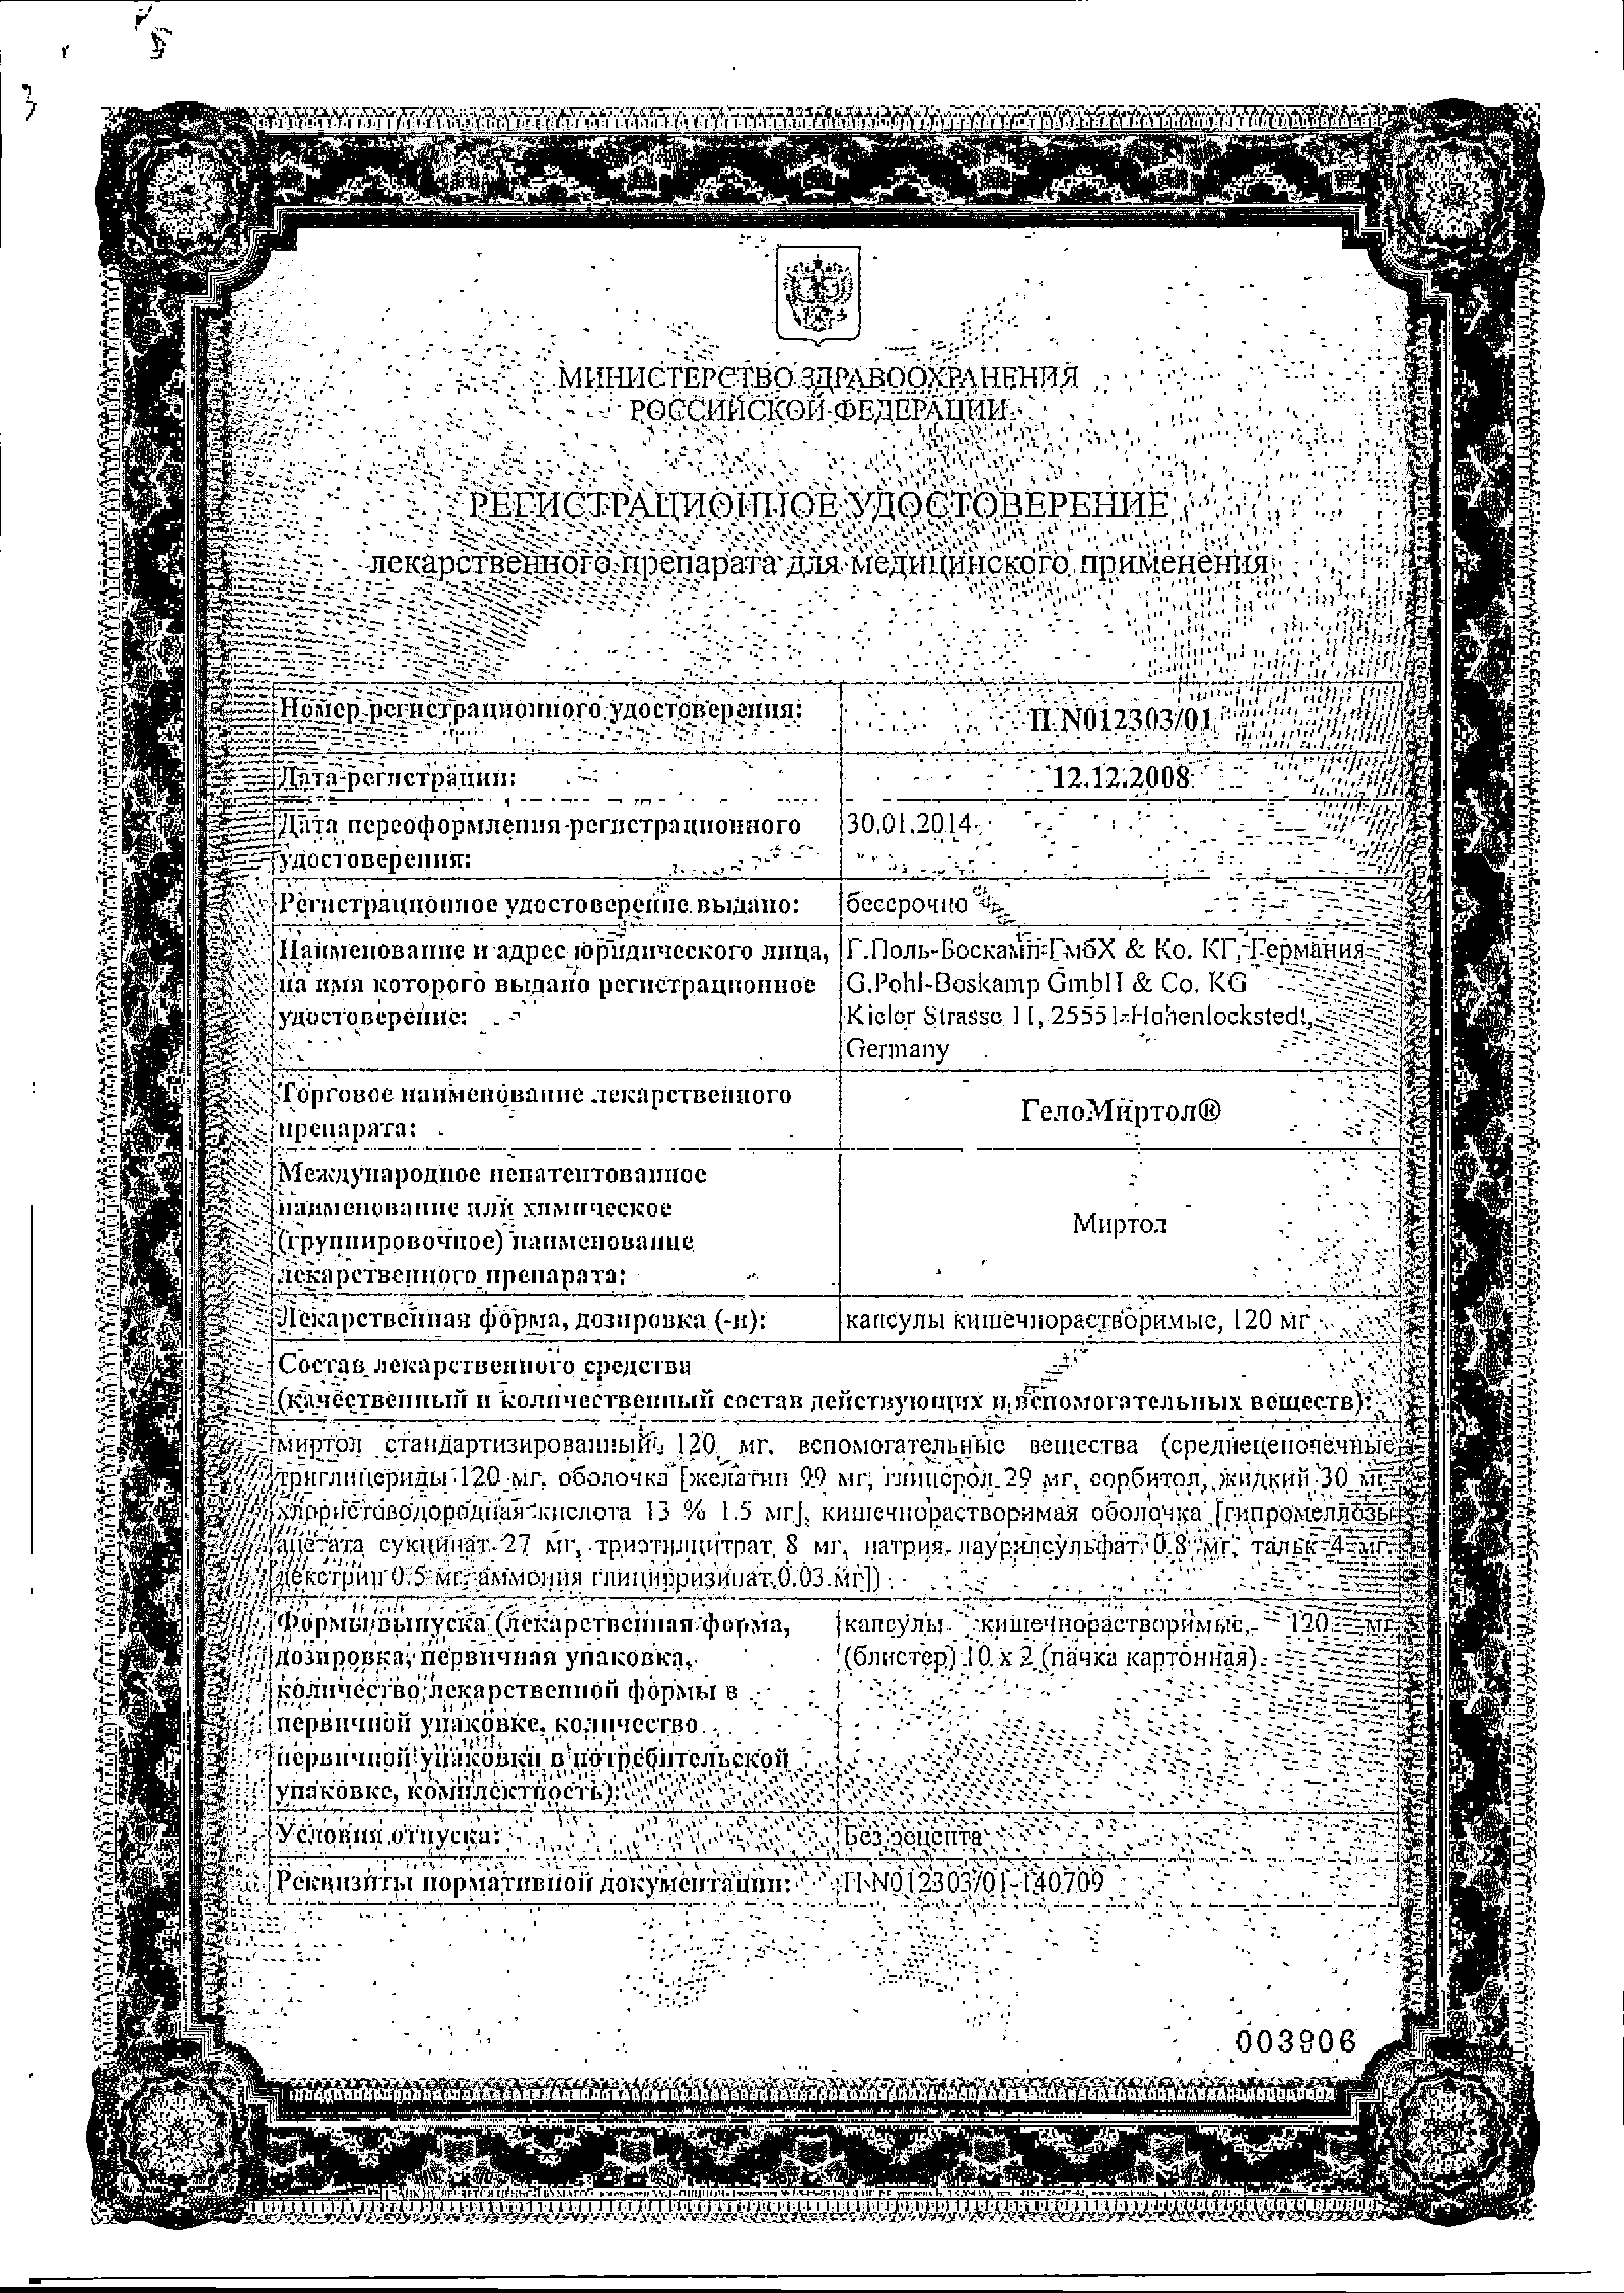 ГелоМиртол сертификат